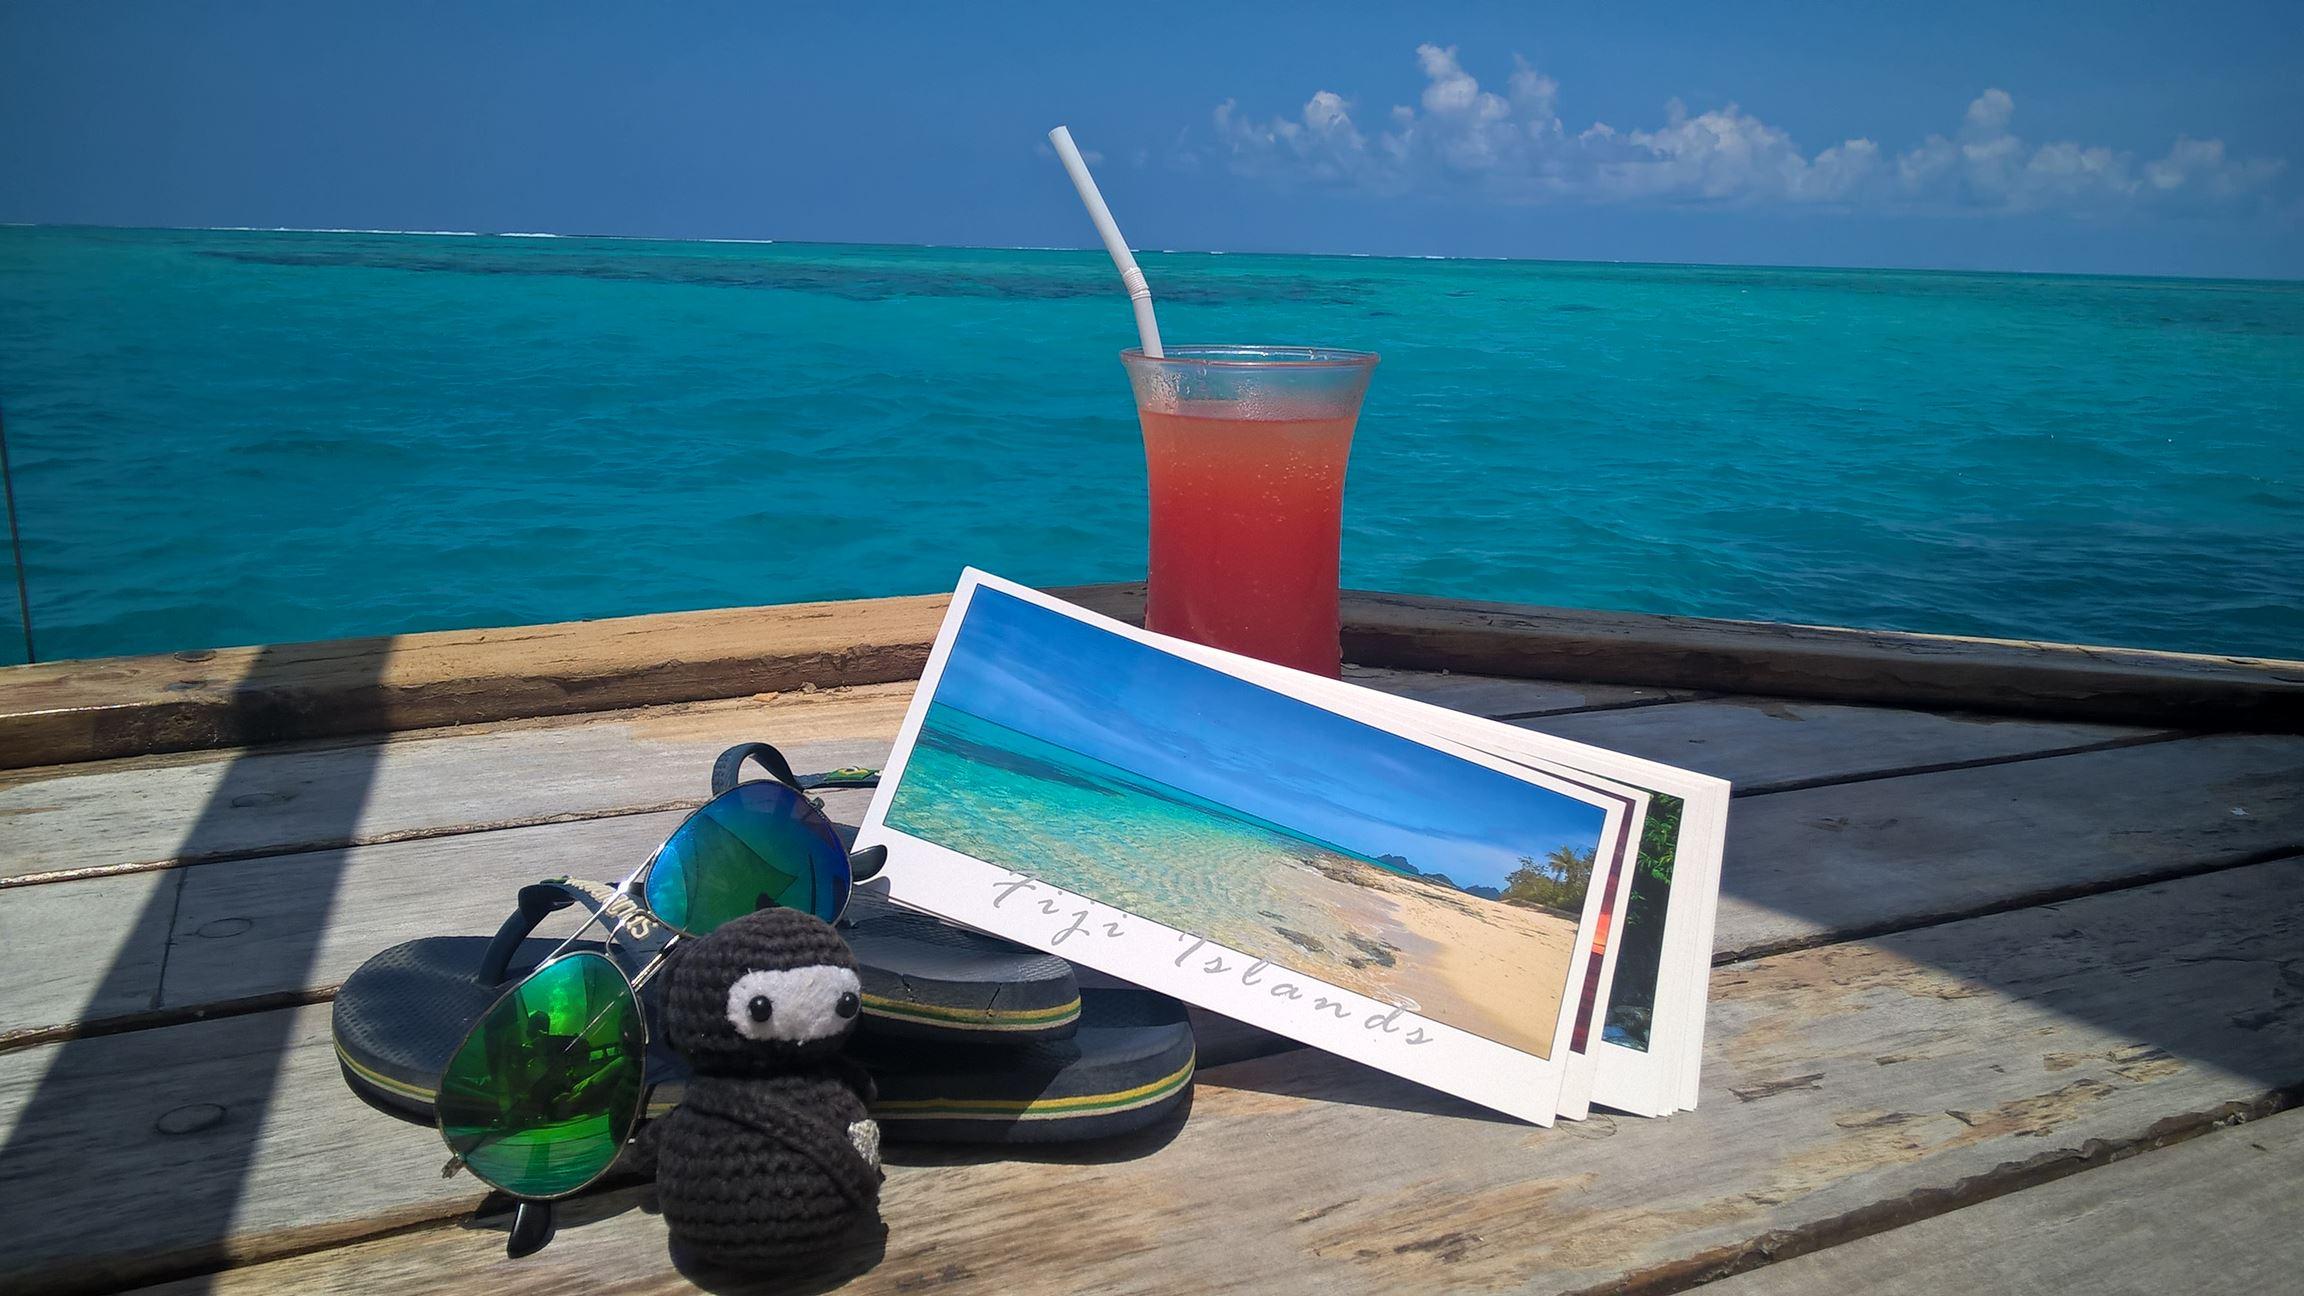 Another day in paradise: Mit alkoholfreien Cocktail und Neumel im Bilderbuch